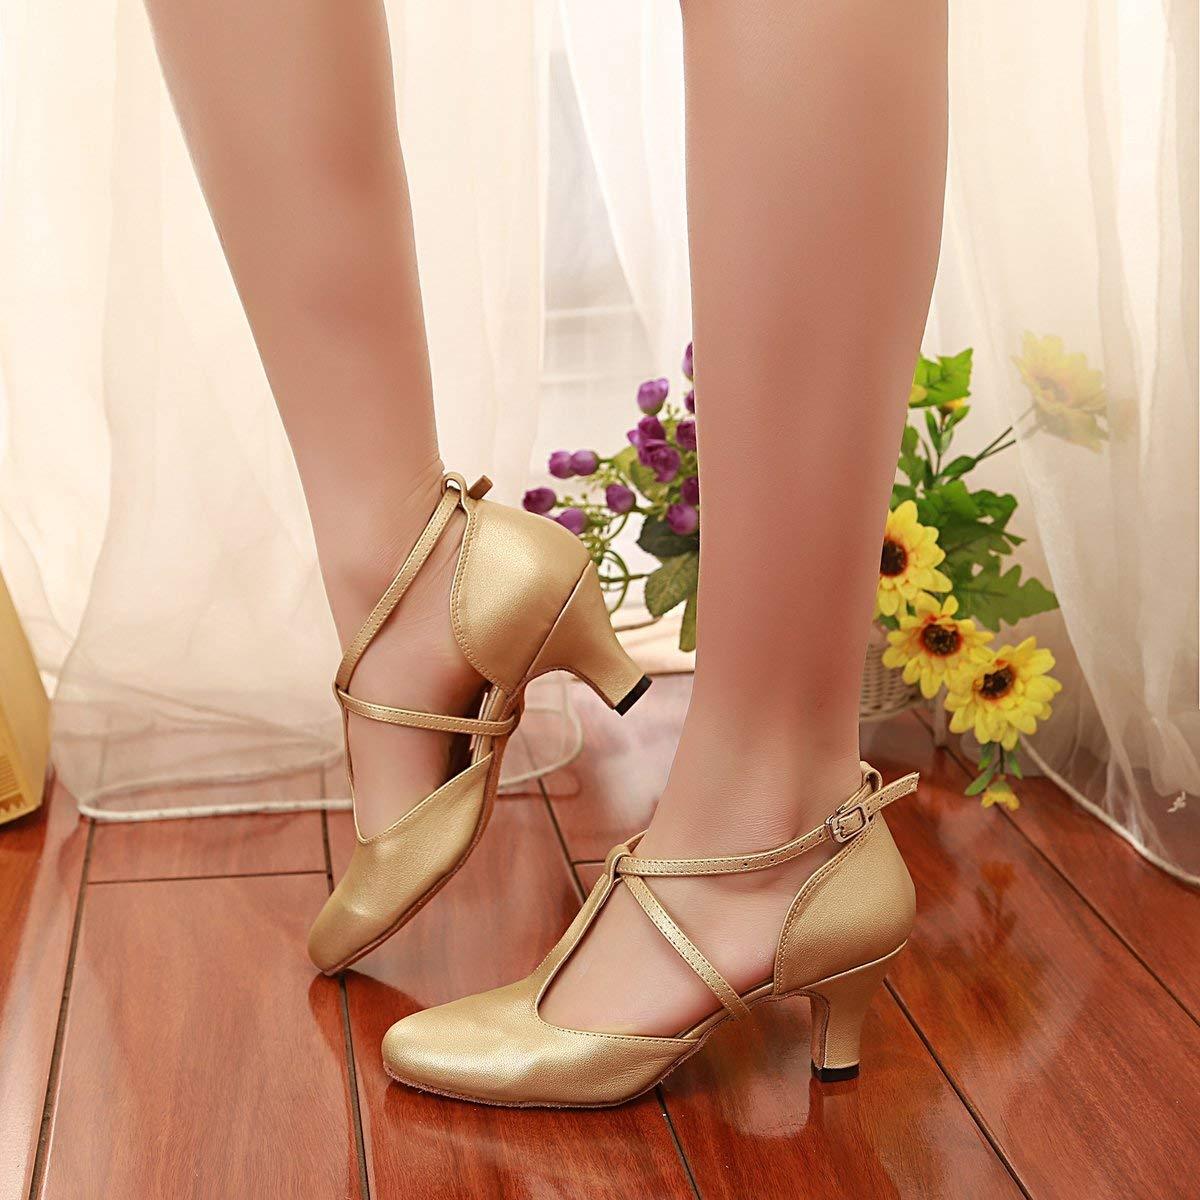 Qiusa Damen T-Strap Ballroom Latein Salsa Tanzschuhe Gold Braut Braut Braut Hochzeit Pumps UK 4 (Farbe   - Größe   -) ef96eb